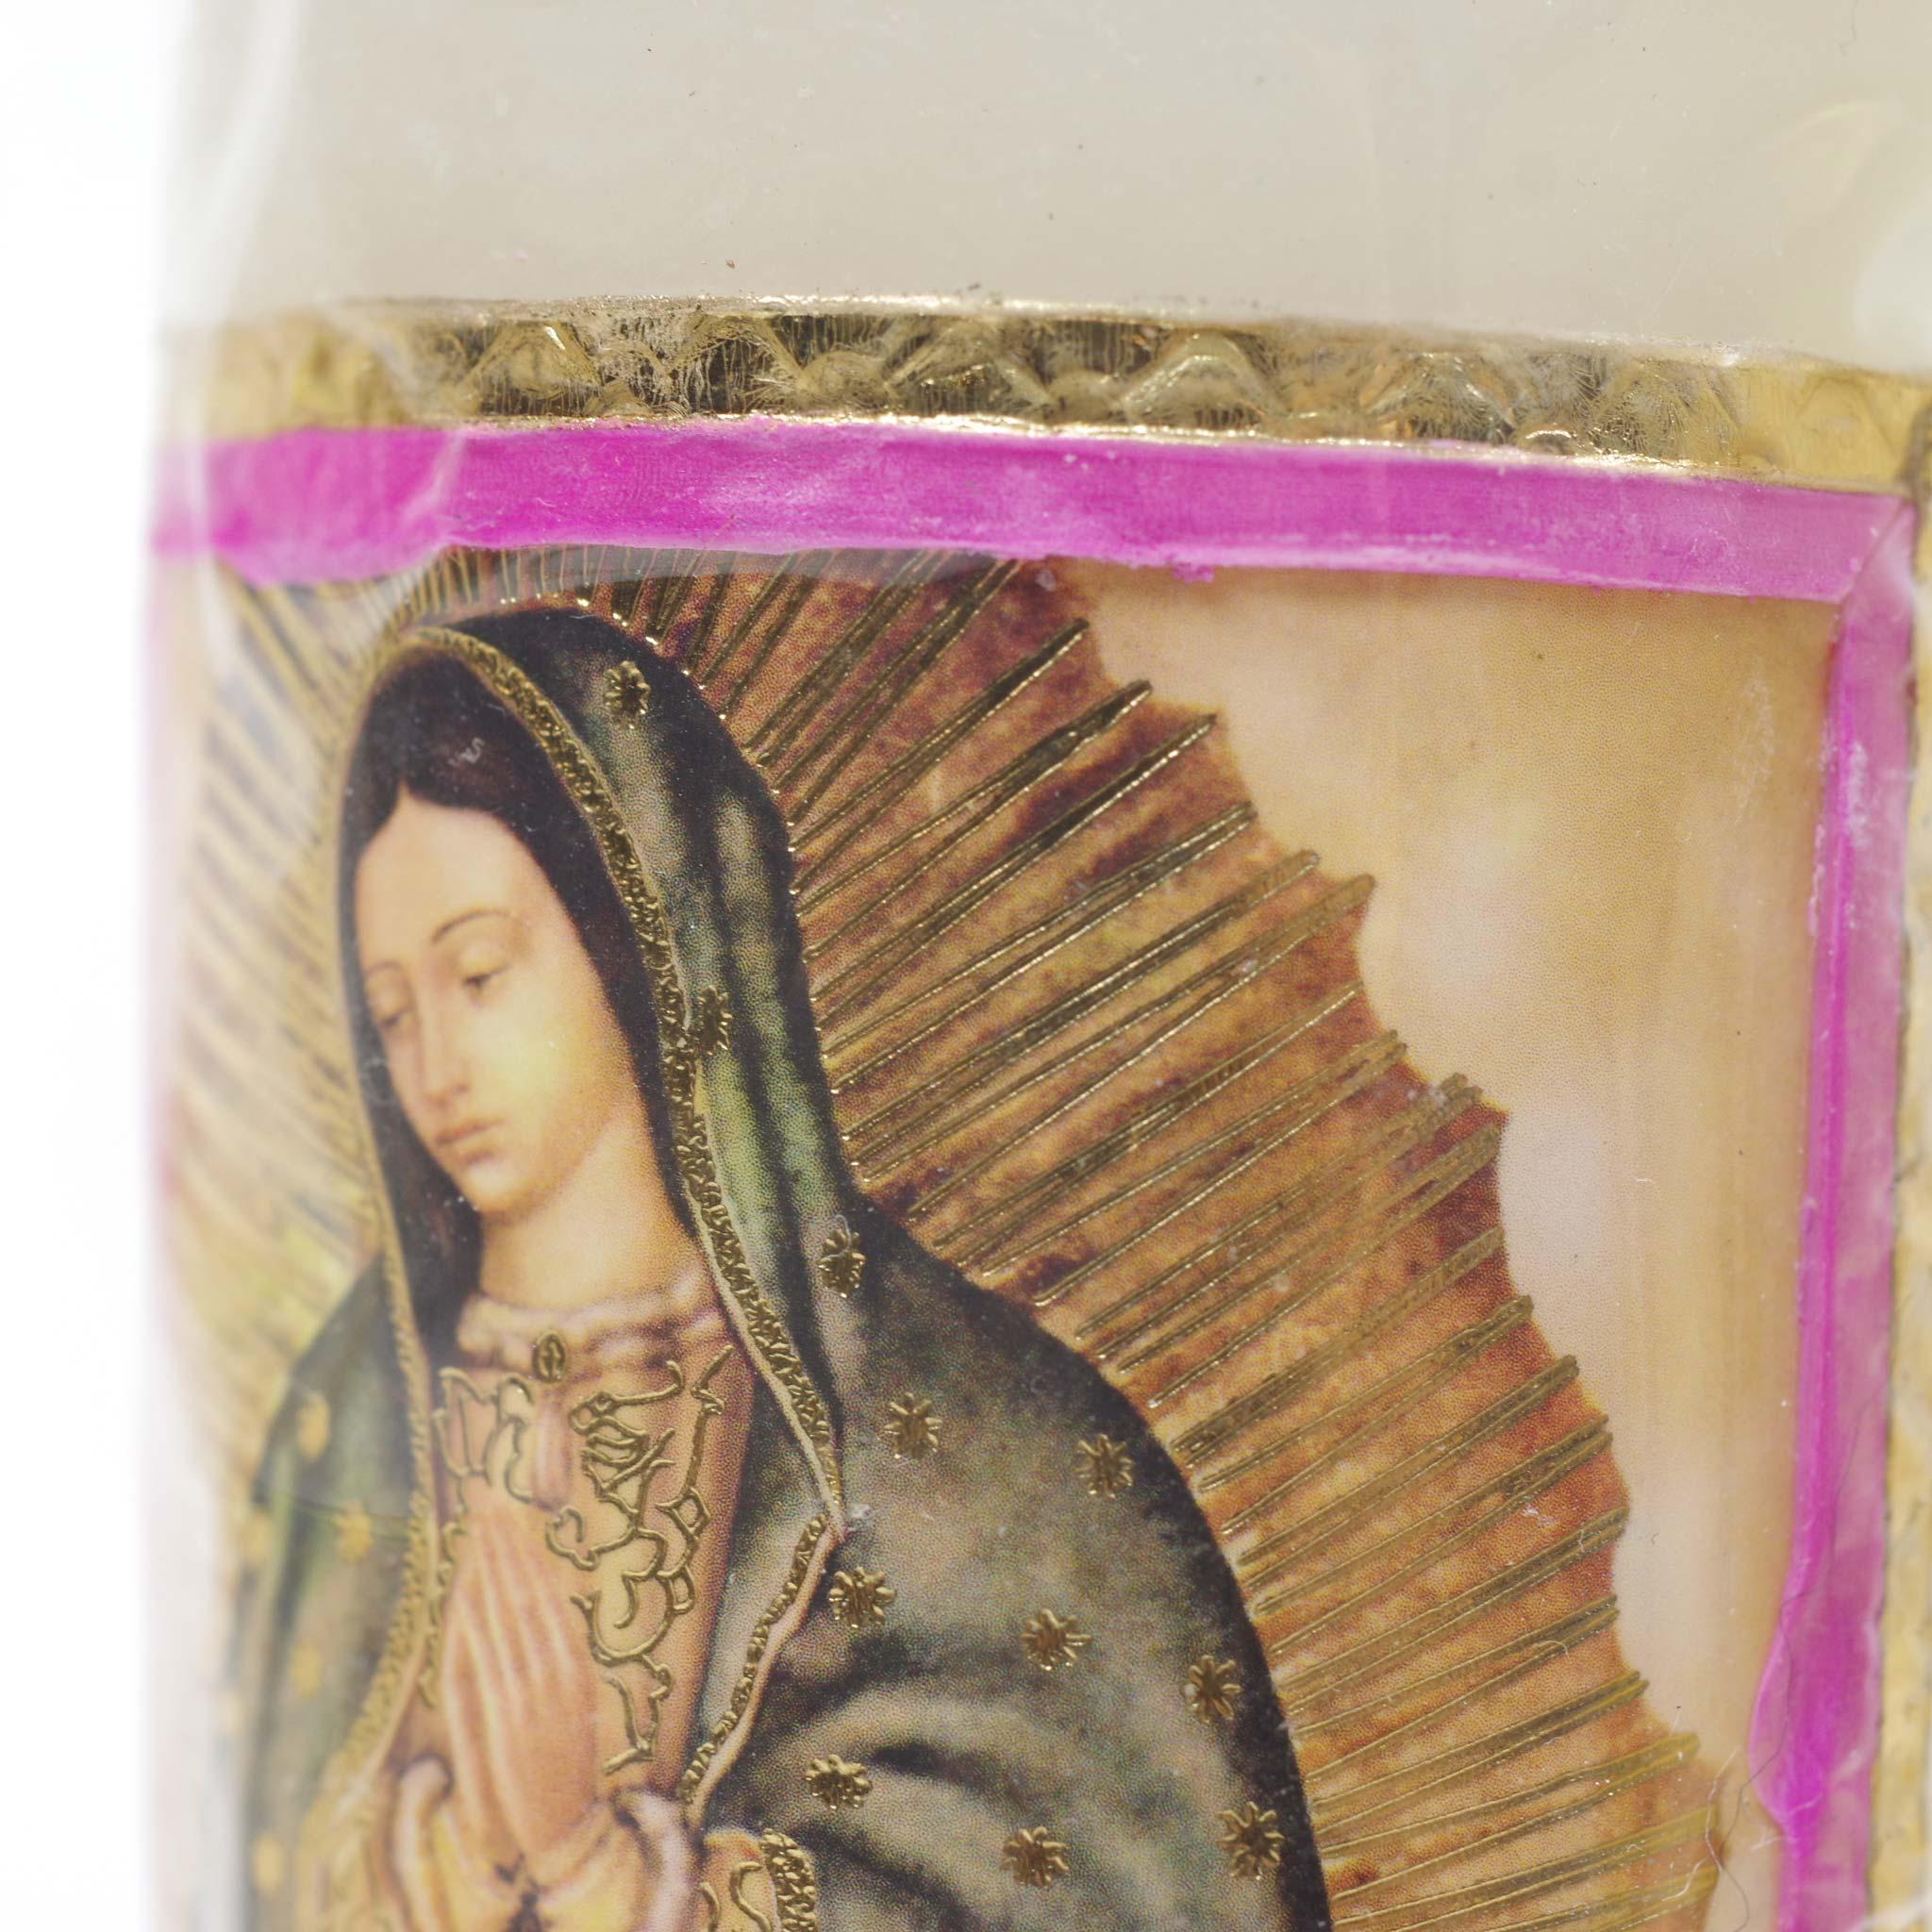 """""""教会キャンドル,キャンドル,ろうそく,ロウソク,蝋燭,お祈り,教会,メキシコ雑貨,メキシコ雑貨PAD"""""""